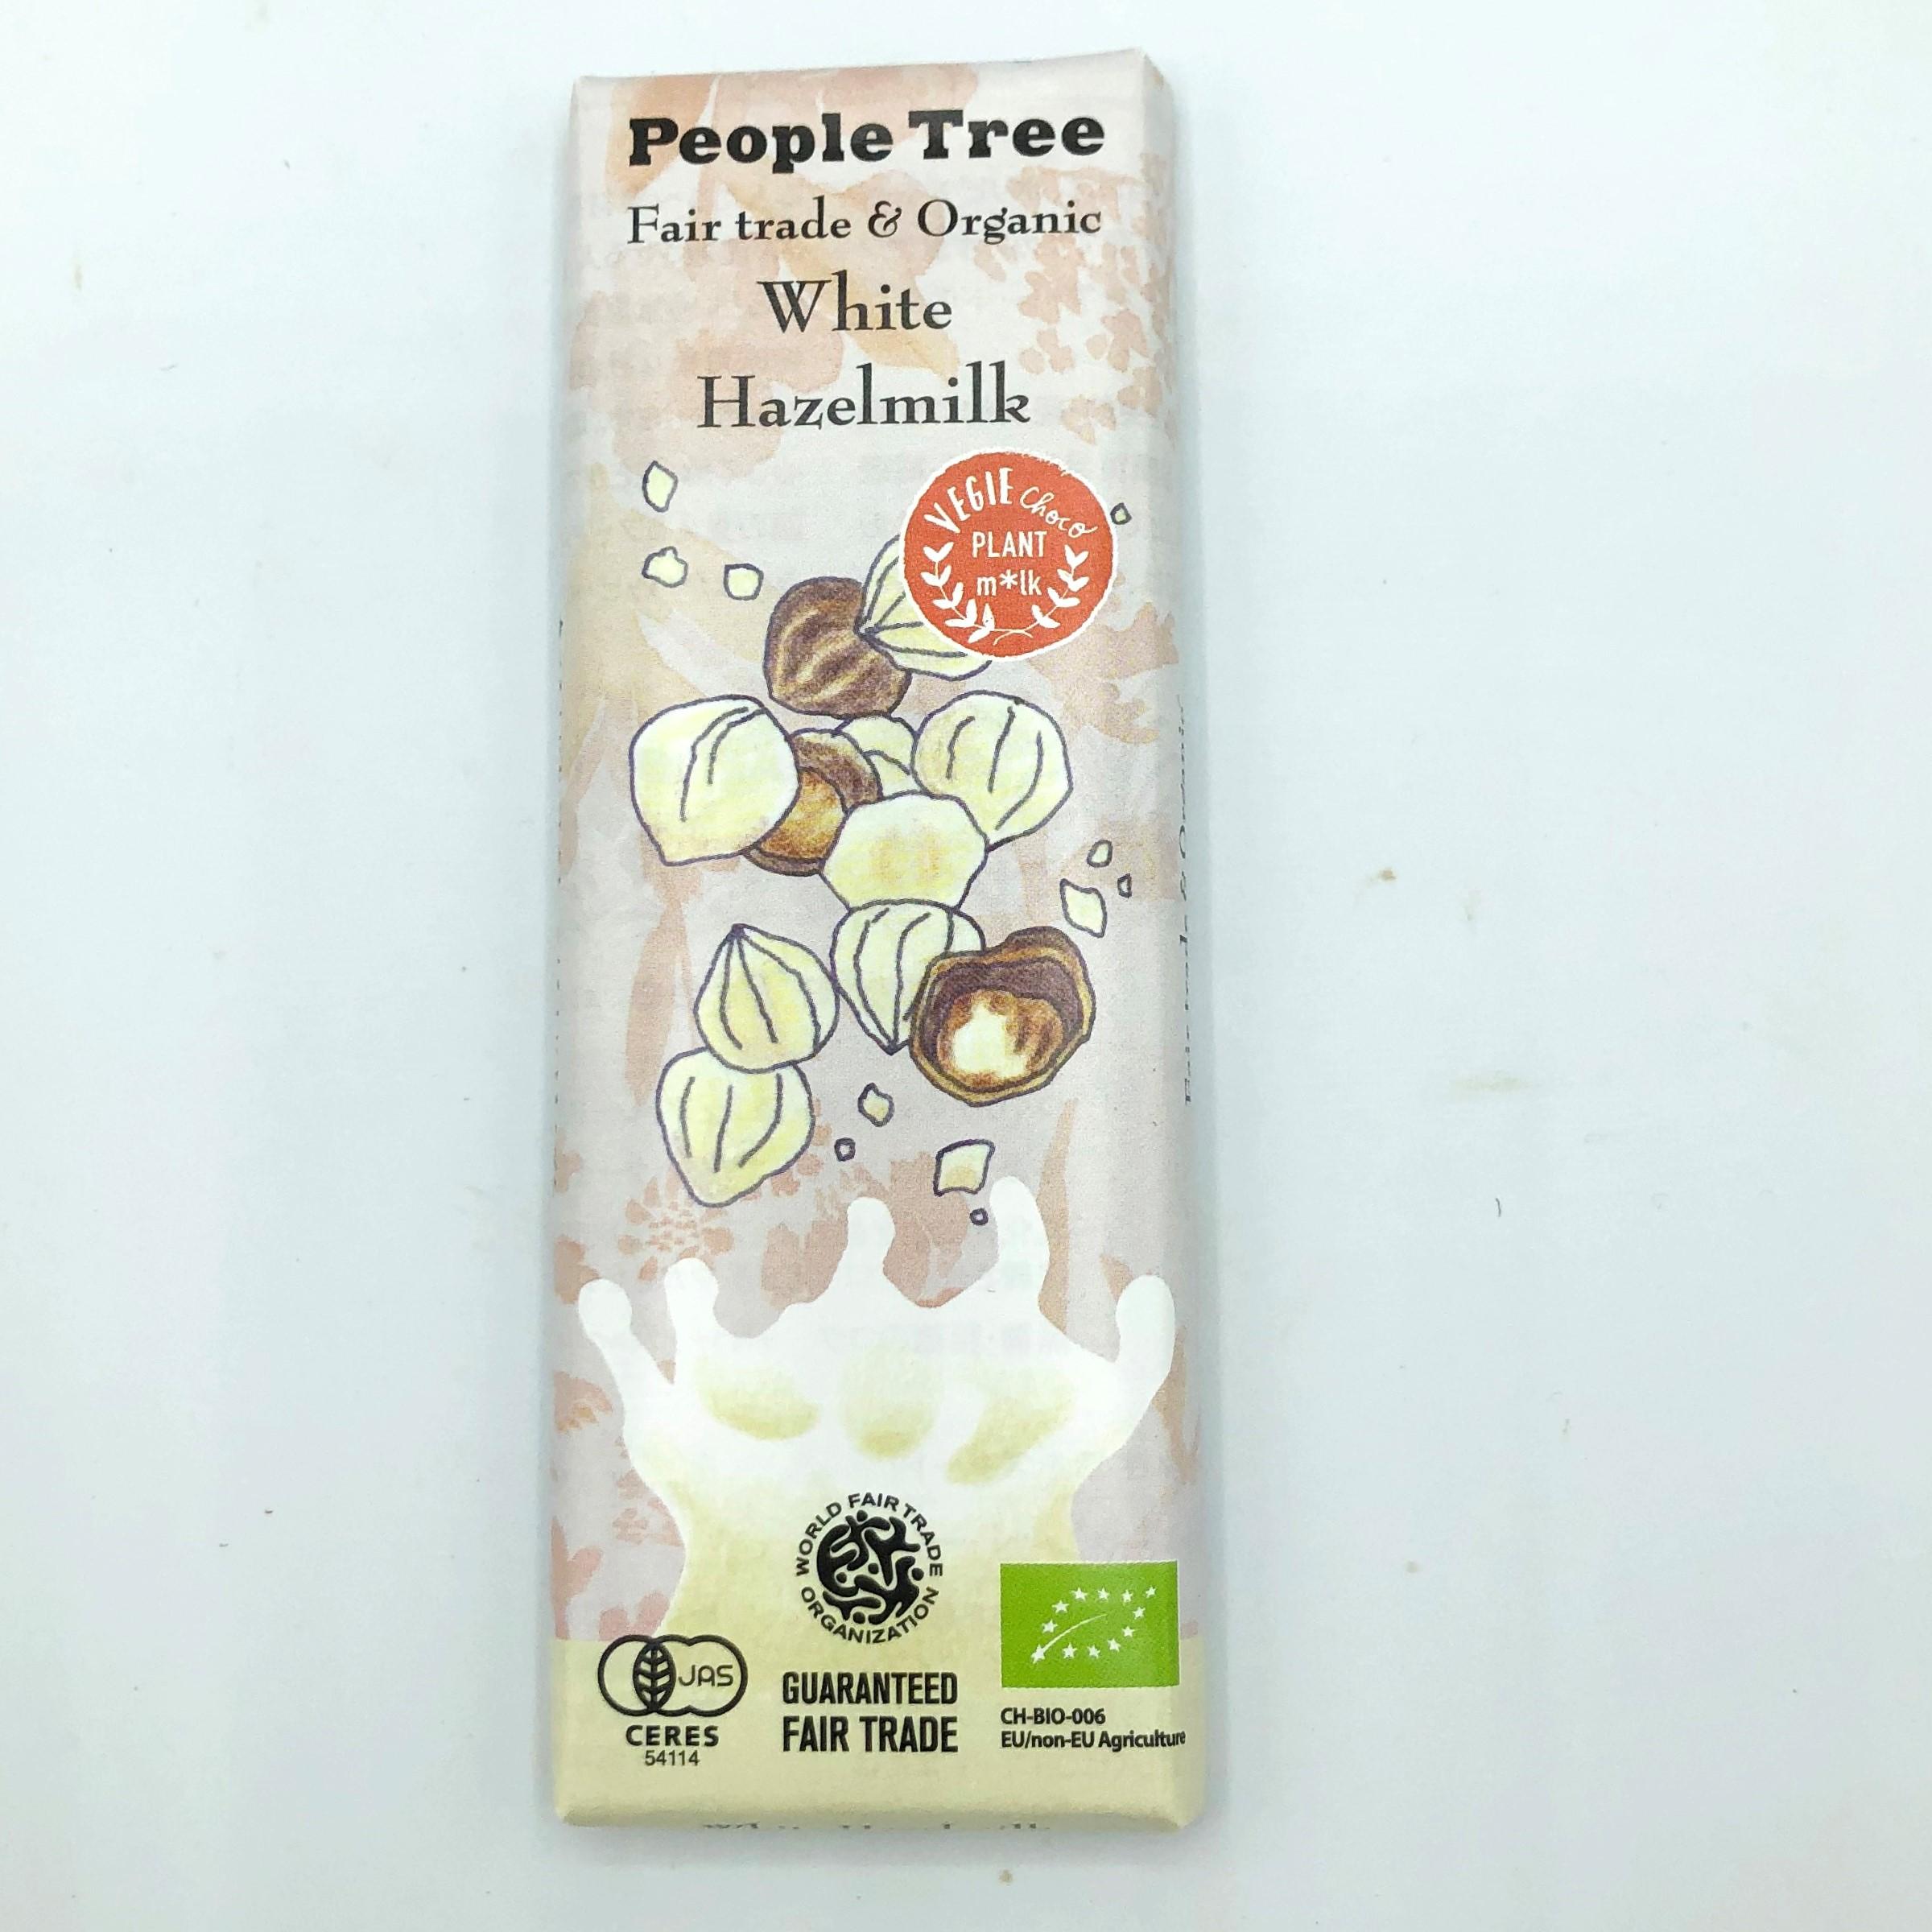 オーガニック ピープルツリーチョコレート ホワイト・ヘーゼルナッツ